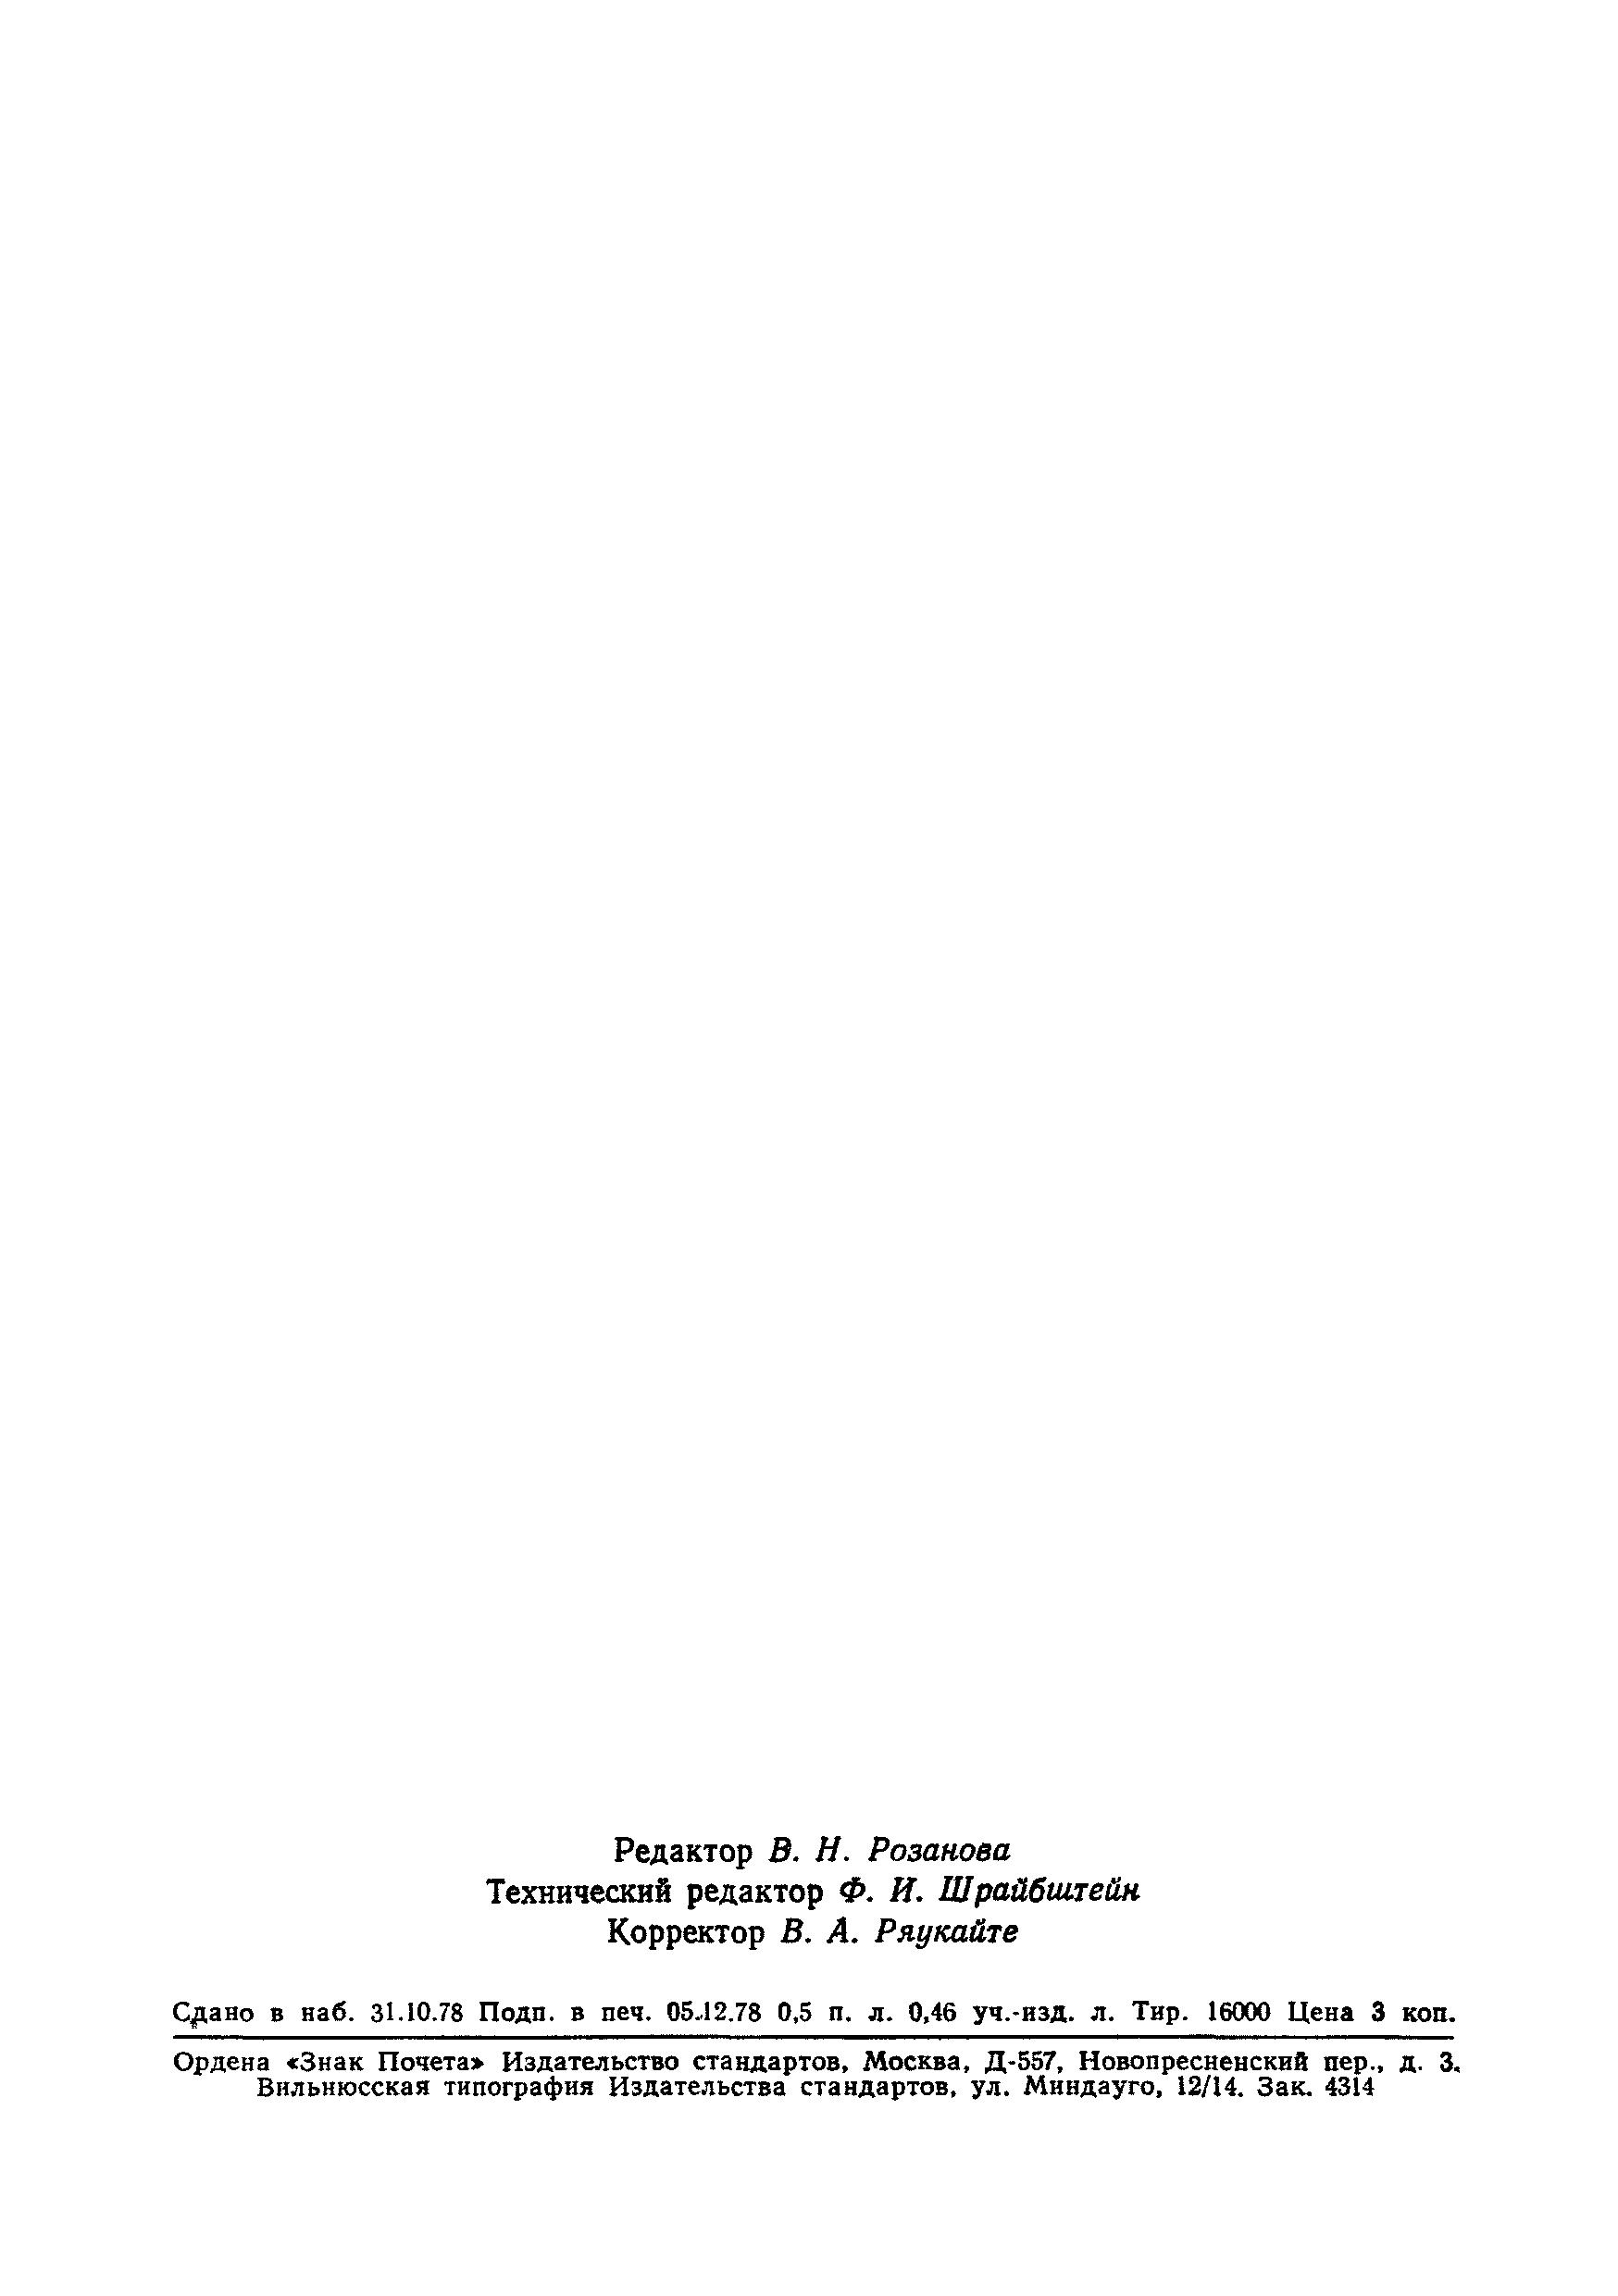 ГОСТ 12.4.011-75. Страница 8